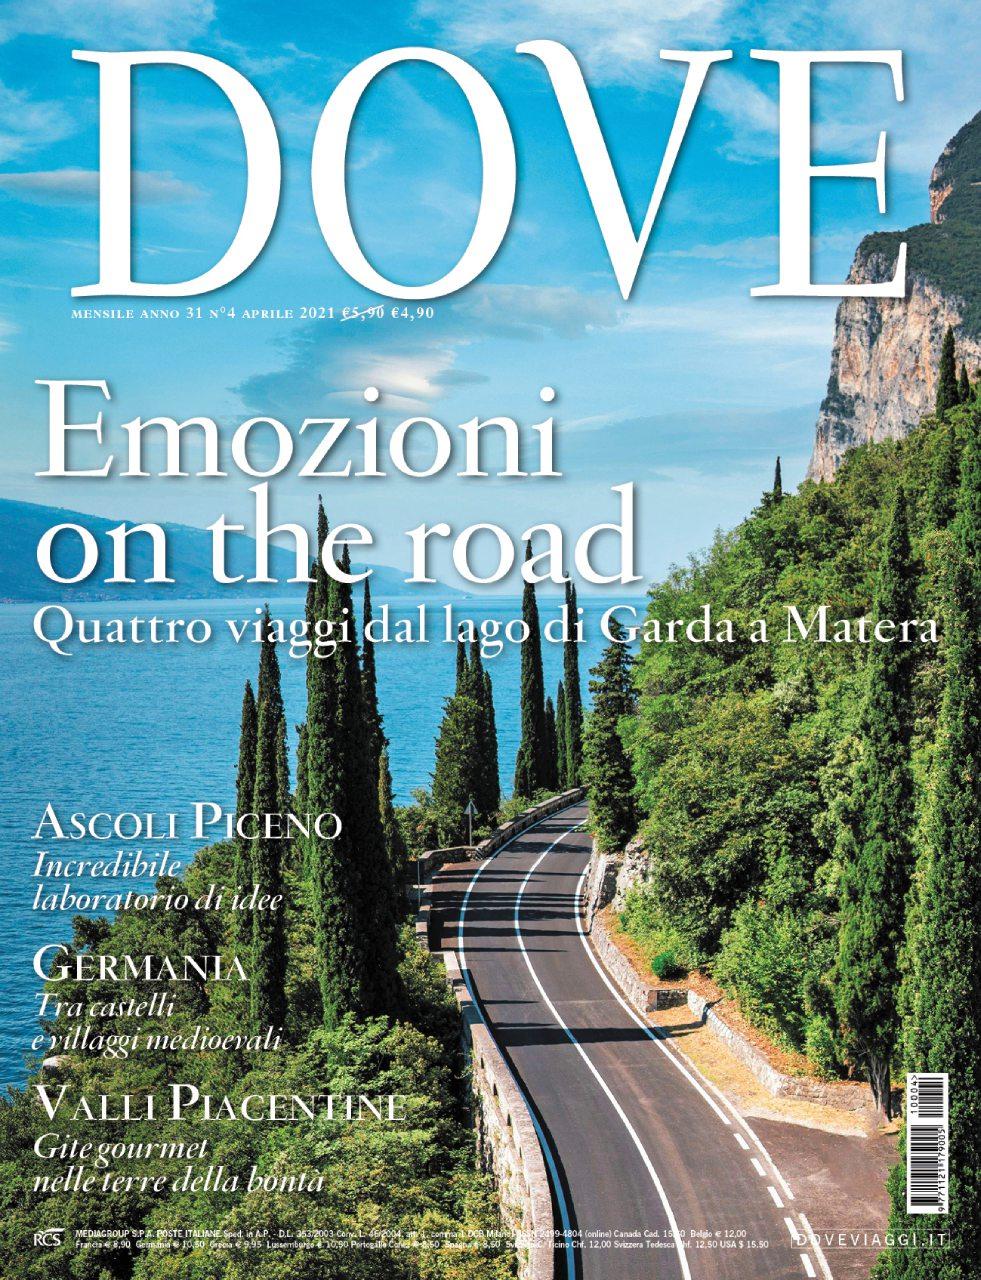 Viaggi on the road in Italia: gli itinerari per le vacanze vicino a casa